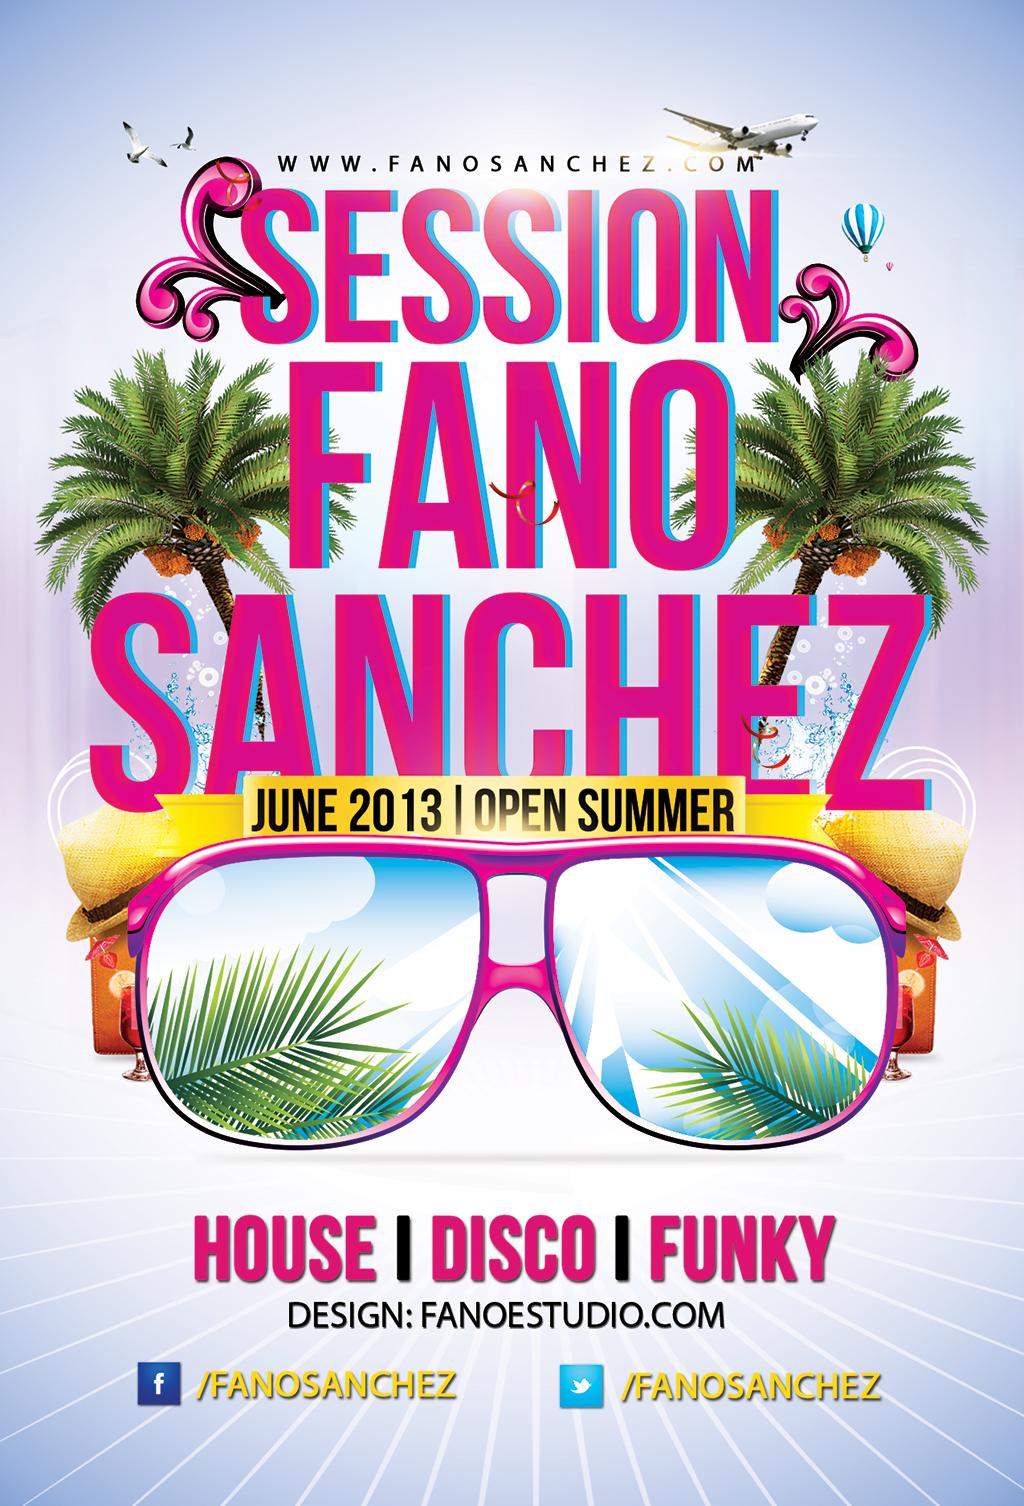 Fano Sánchez Sesión Junio 2013